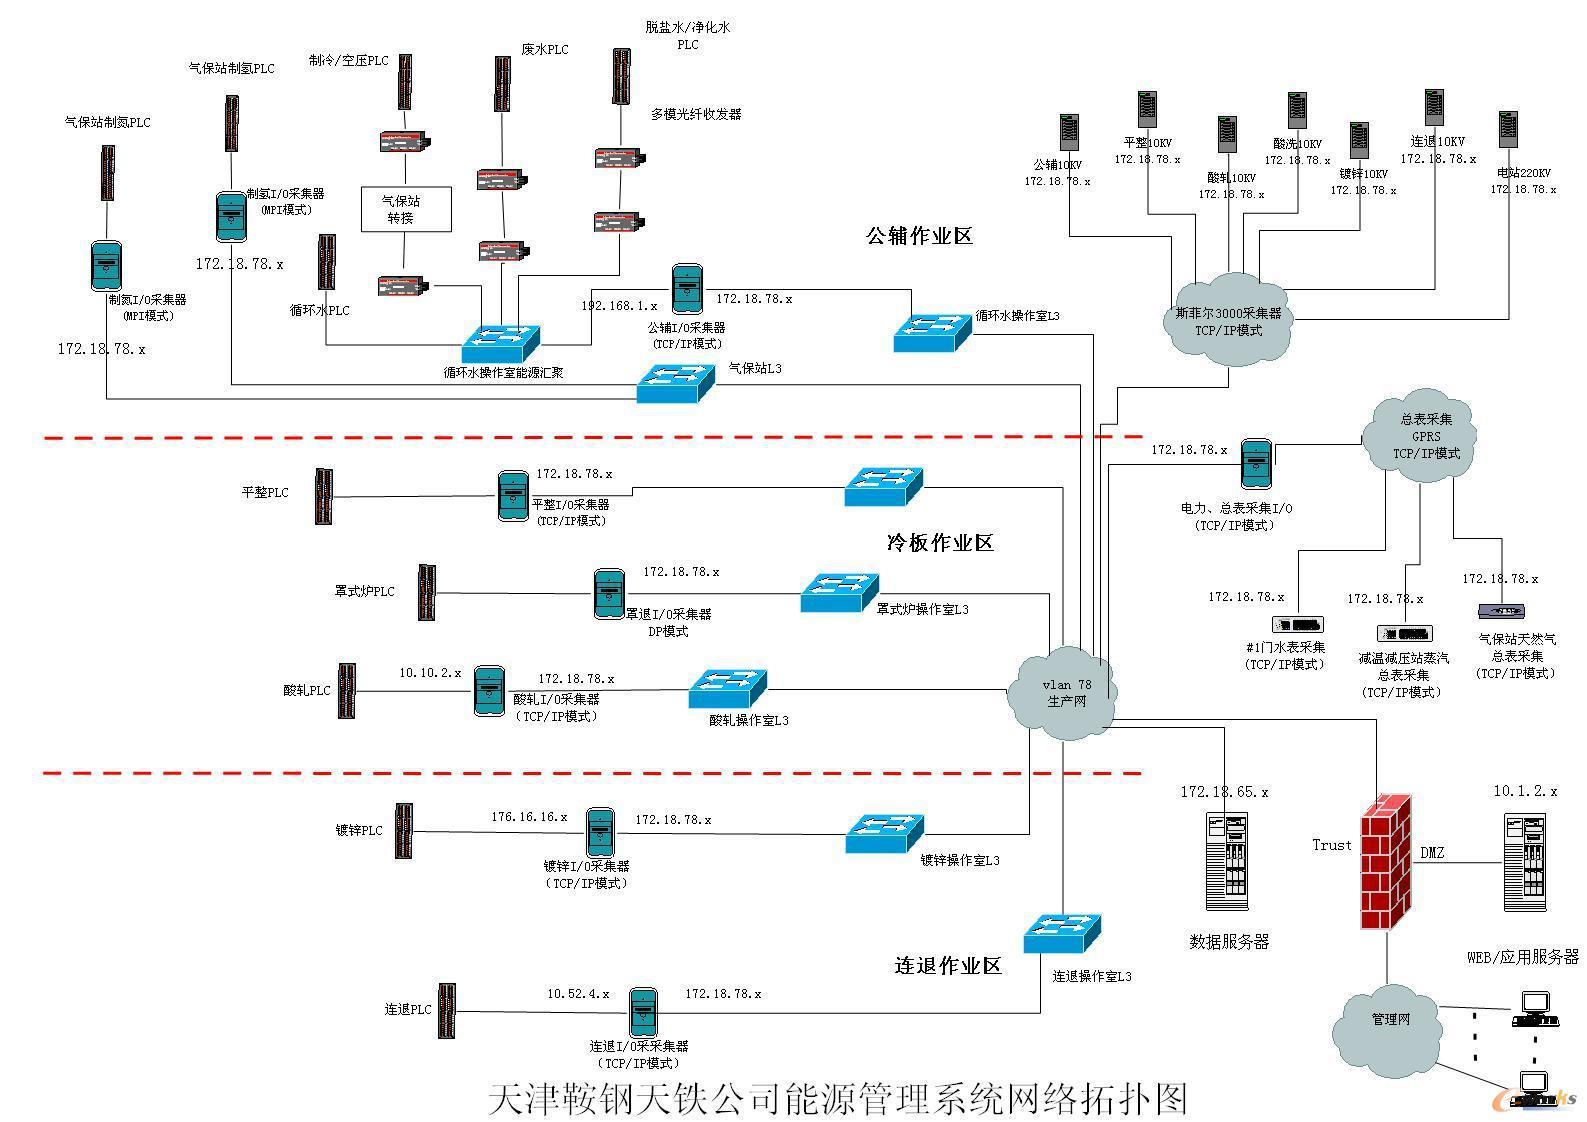 图2 天津鞍钢天铁公司能源管理系统网络拓扑图 如图2所示,整个能源管理系统网络为三层网络结构,第一层是工业控制网,第二层是生产管理网,第三层是公司信息管理网。第一层与第二层通讯通过实时数据采集服务器(IO SERVER)完成,每台服务器配置两块网卡,一个网卡连接工业交换机实现与现场所有的采集设备的通讯,进行数据采集;另一块网卡连接Cisco交换机为生产网络中的数据服务器提供实时数据。在这台服务器内完成中间量计算、累积量计算、趋势、报警、数据短时归档、向数据库站传送数据等功能,并保存有信息记录、操作记录;